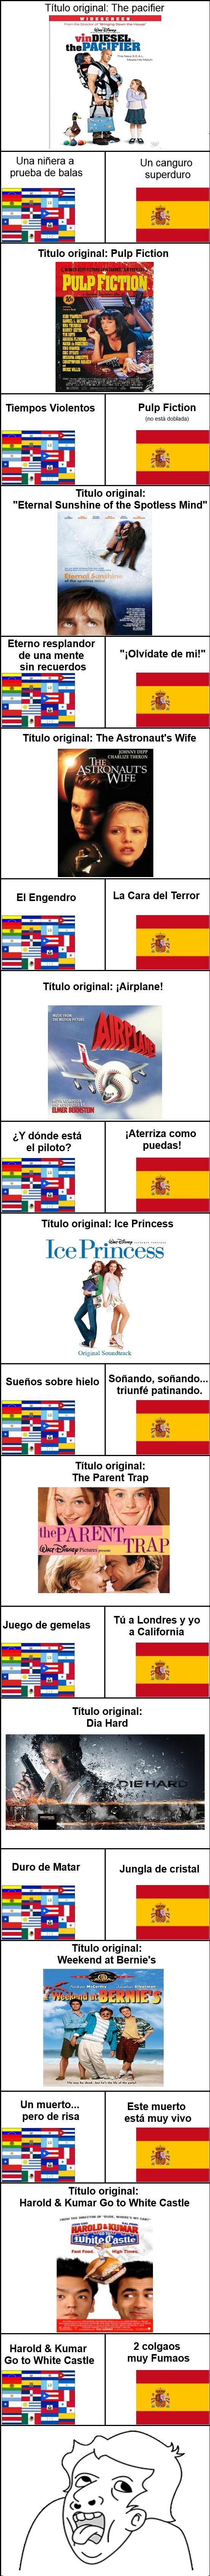 traducciones locas entre ingles espanol y latino